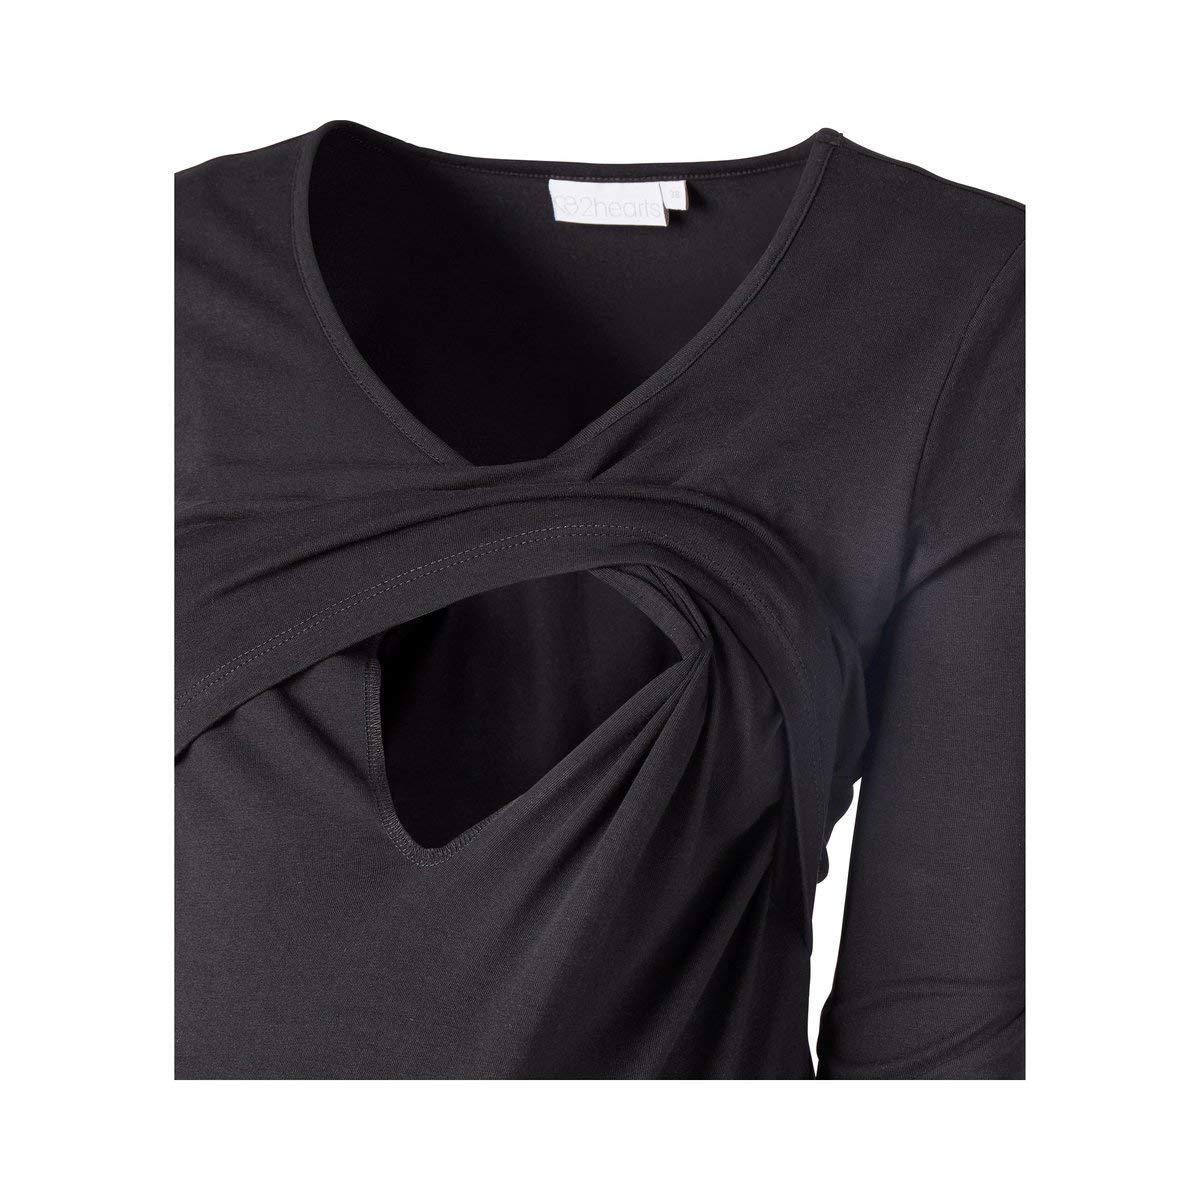 Lange Basic-Oberteile f/ür werdende /& stillende M/ütter 2HEARTS Umstands- und Still-Shirt schwarz//grau meliert 2er-Pack Love is in The Air